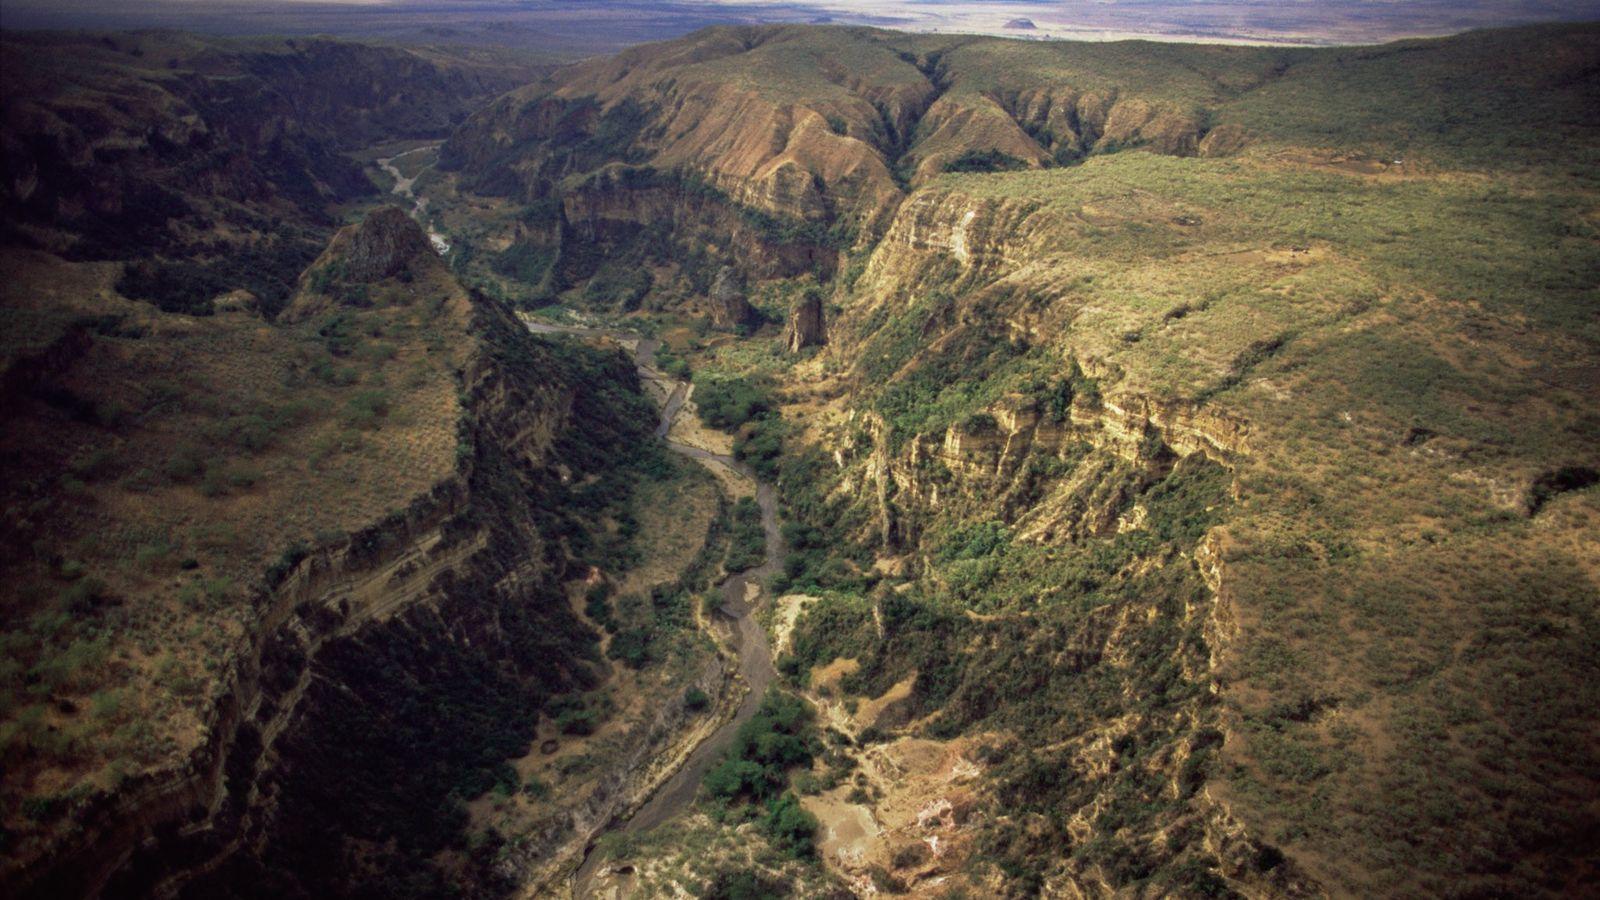 Os trilhos para caminhadas serpenteiam em torno do impressionante desfiladeiro Ol Njorowa, no Parque Nacional Hell's ...